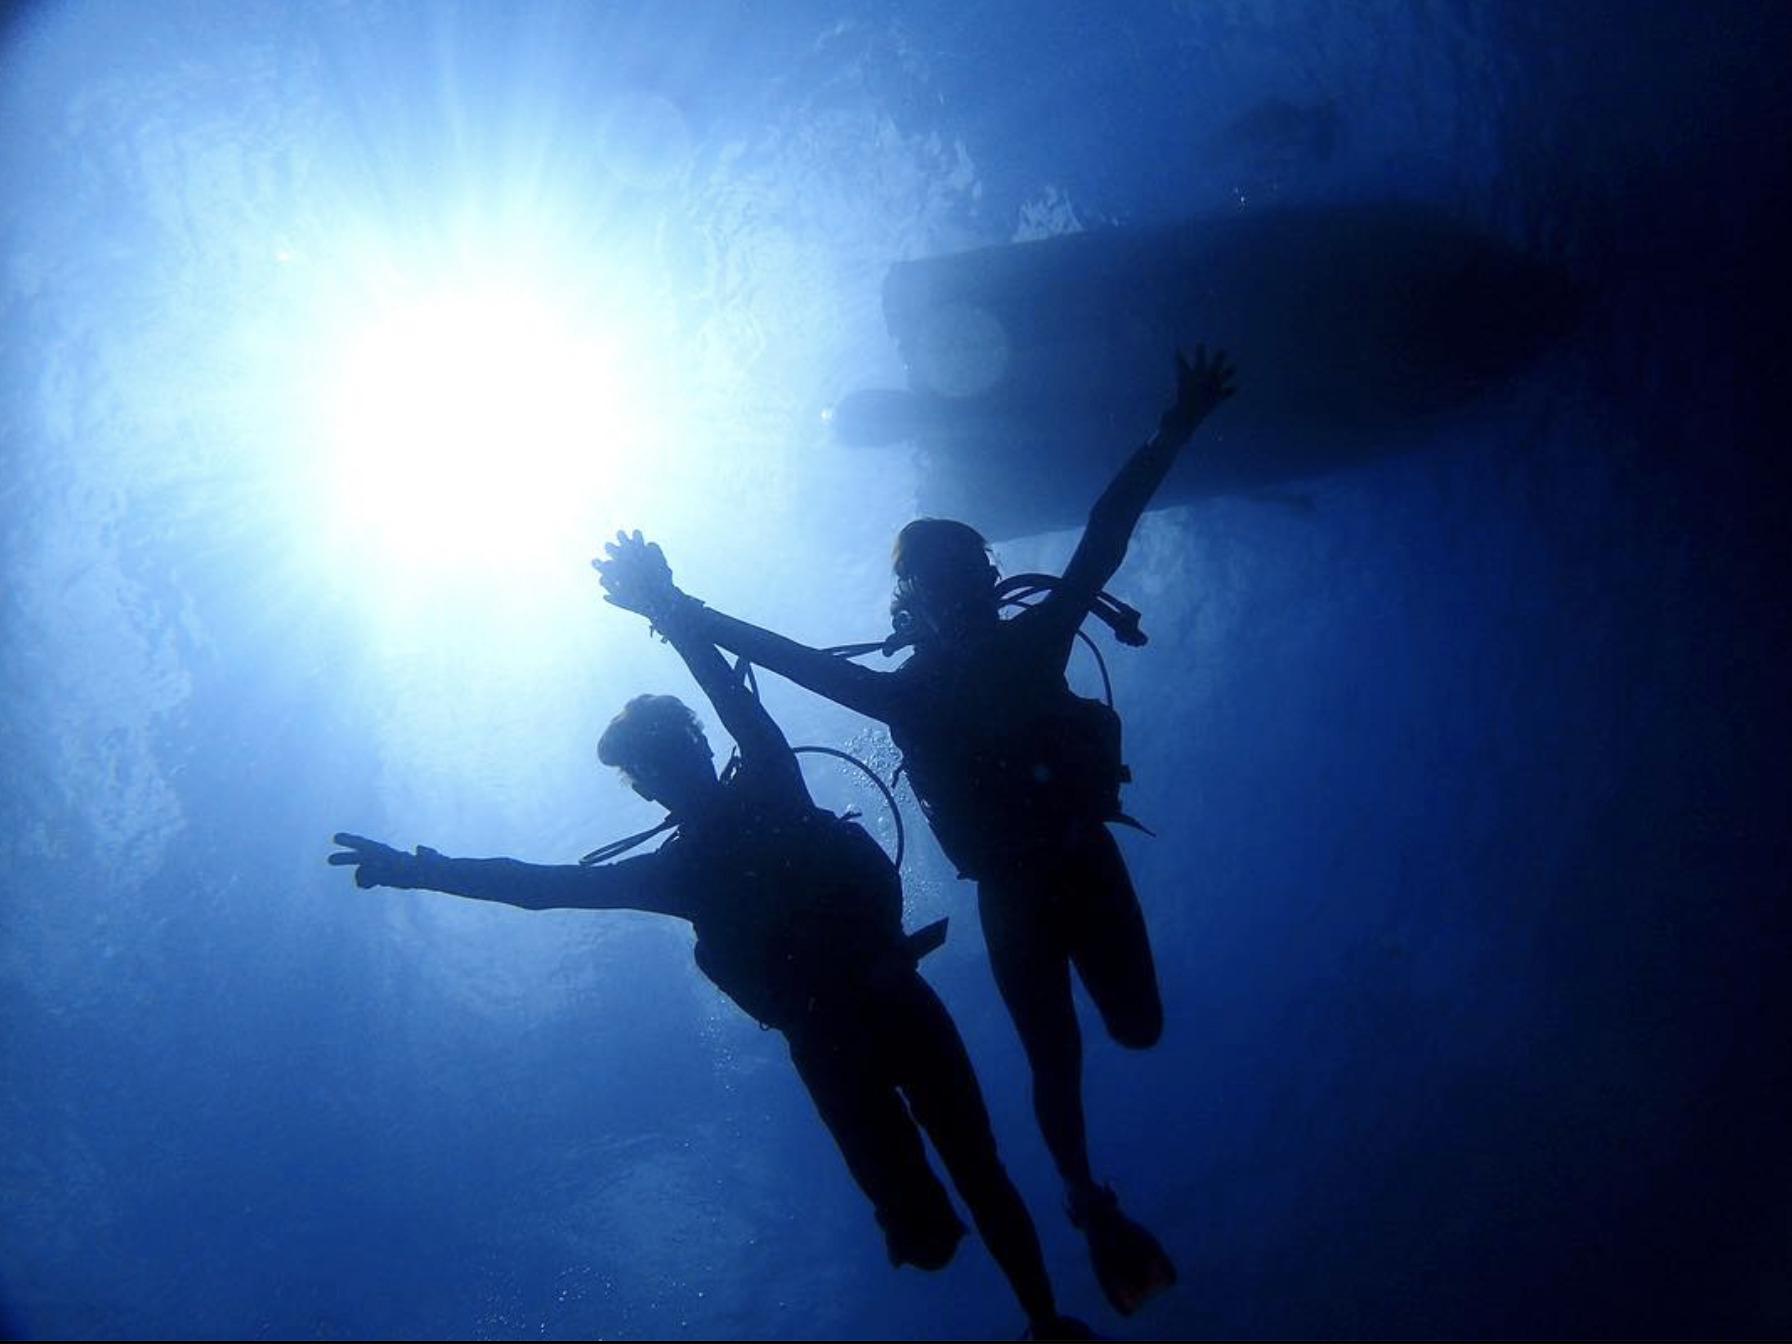 【恩納村】沖縄贅沢セット! パラセーリング&「青の洞窟」ダイビング&絶叫ウォータートイ(No.9)